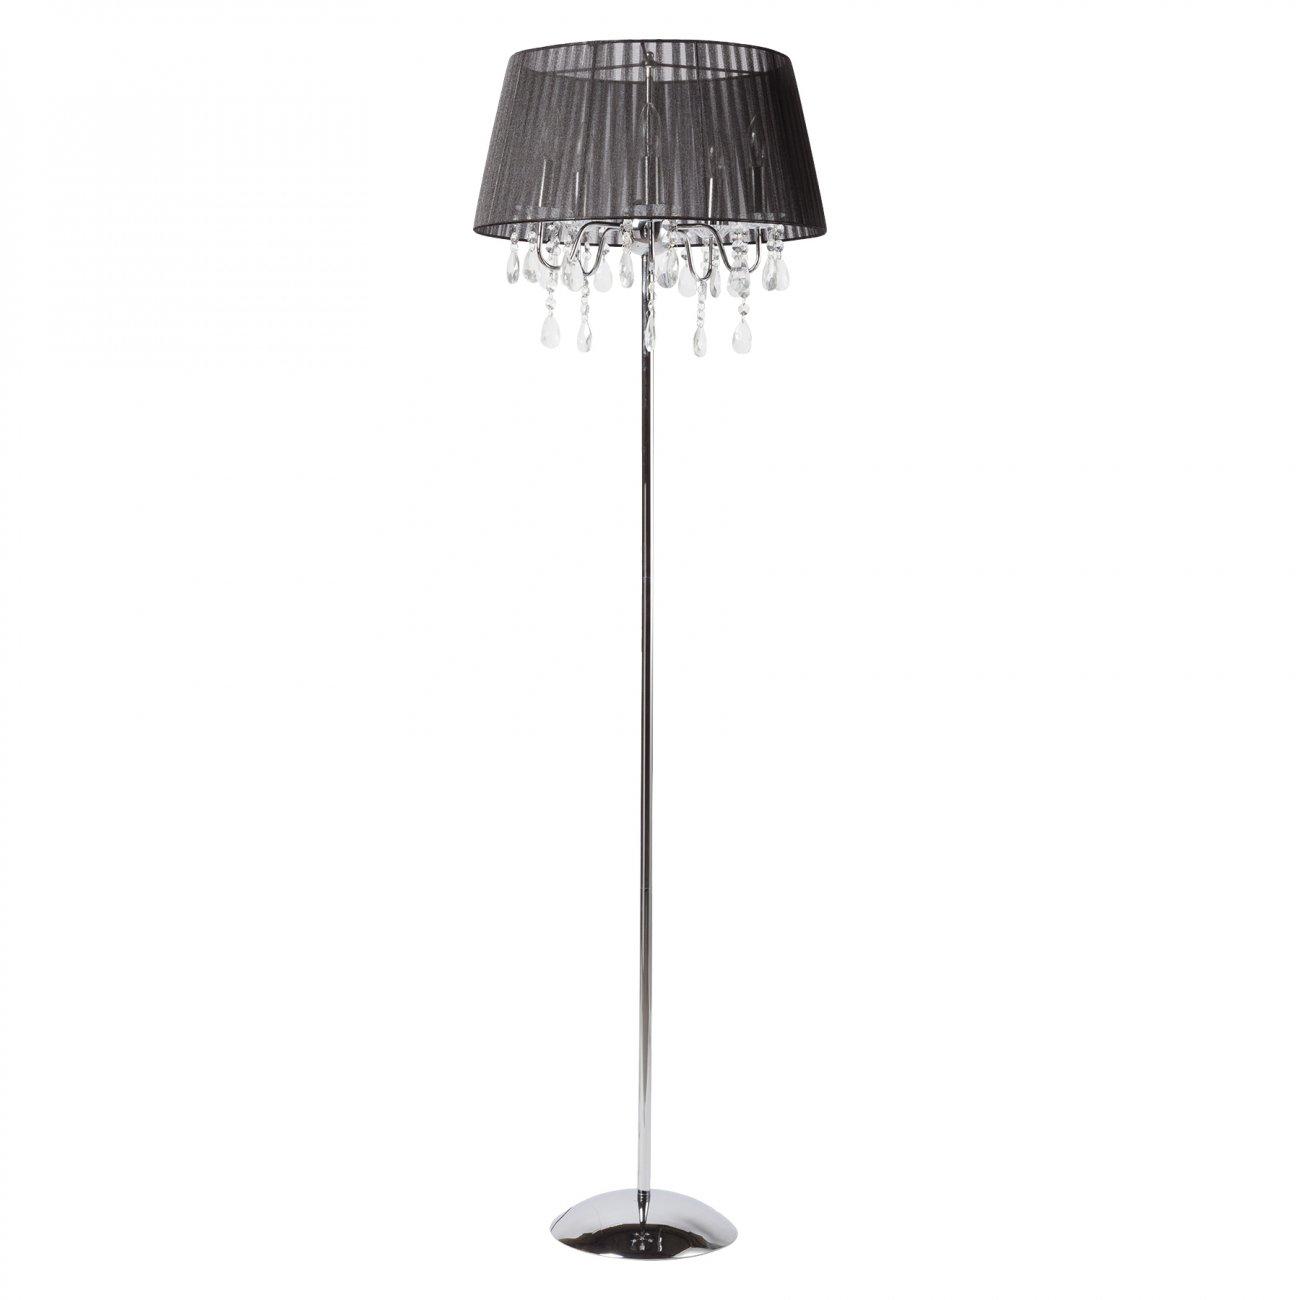 Купить Торшер Venecia в интернет магазине дизайнерской мебели и аксессуаров для дома и дачи